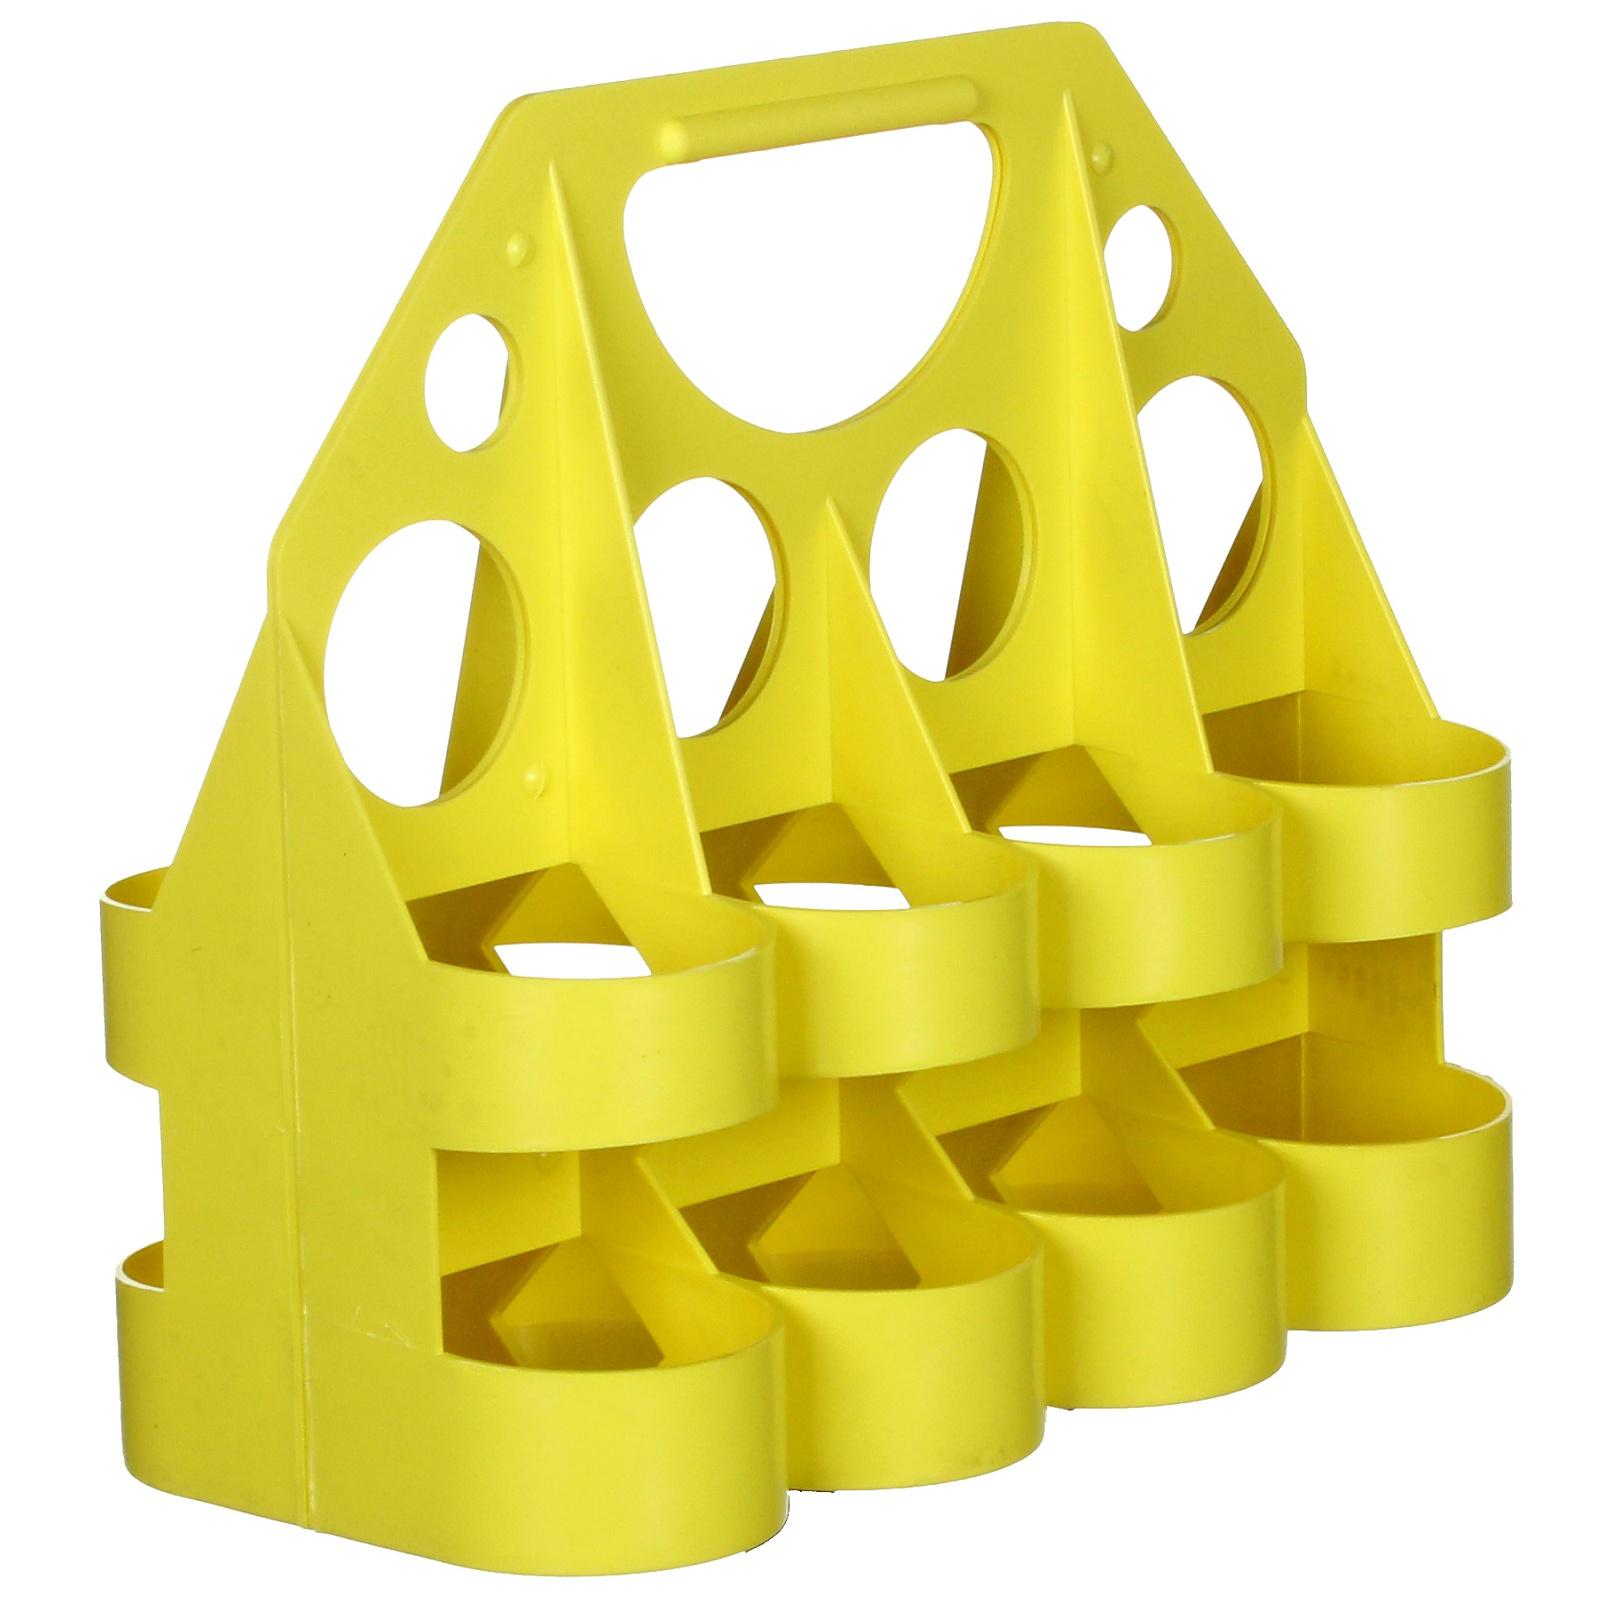 Nosič pro 8 ks lahví, plastový - žlutý